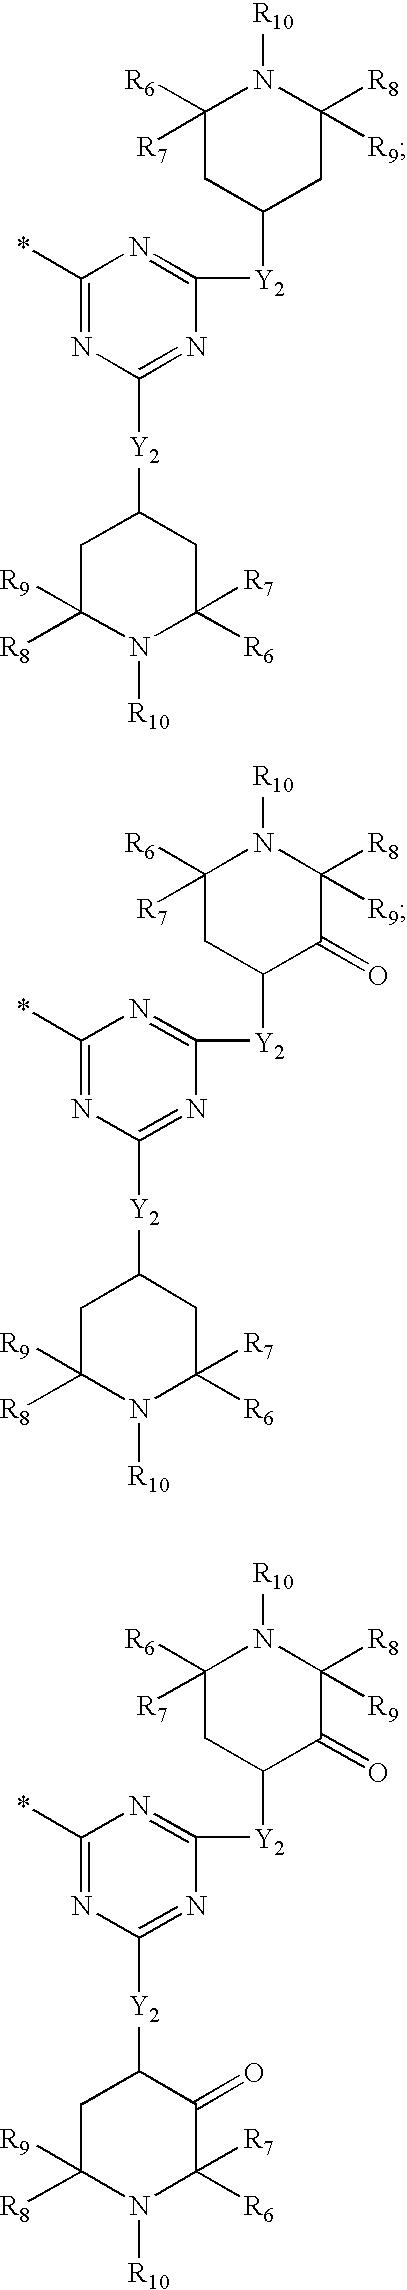 Figure US20040143041A1-20040722-C00060